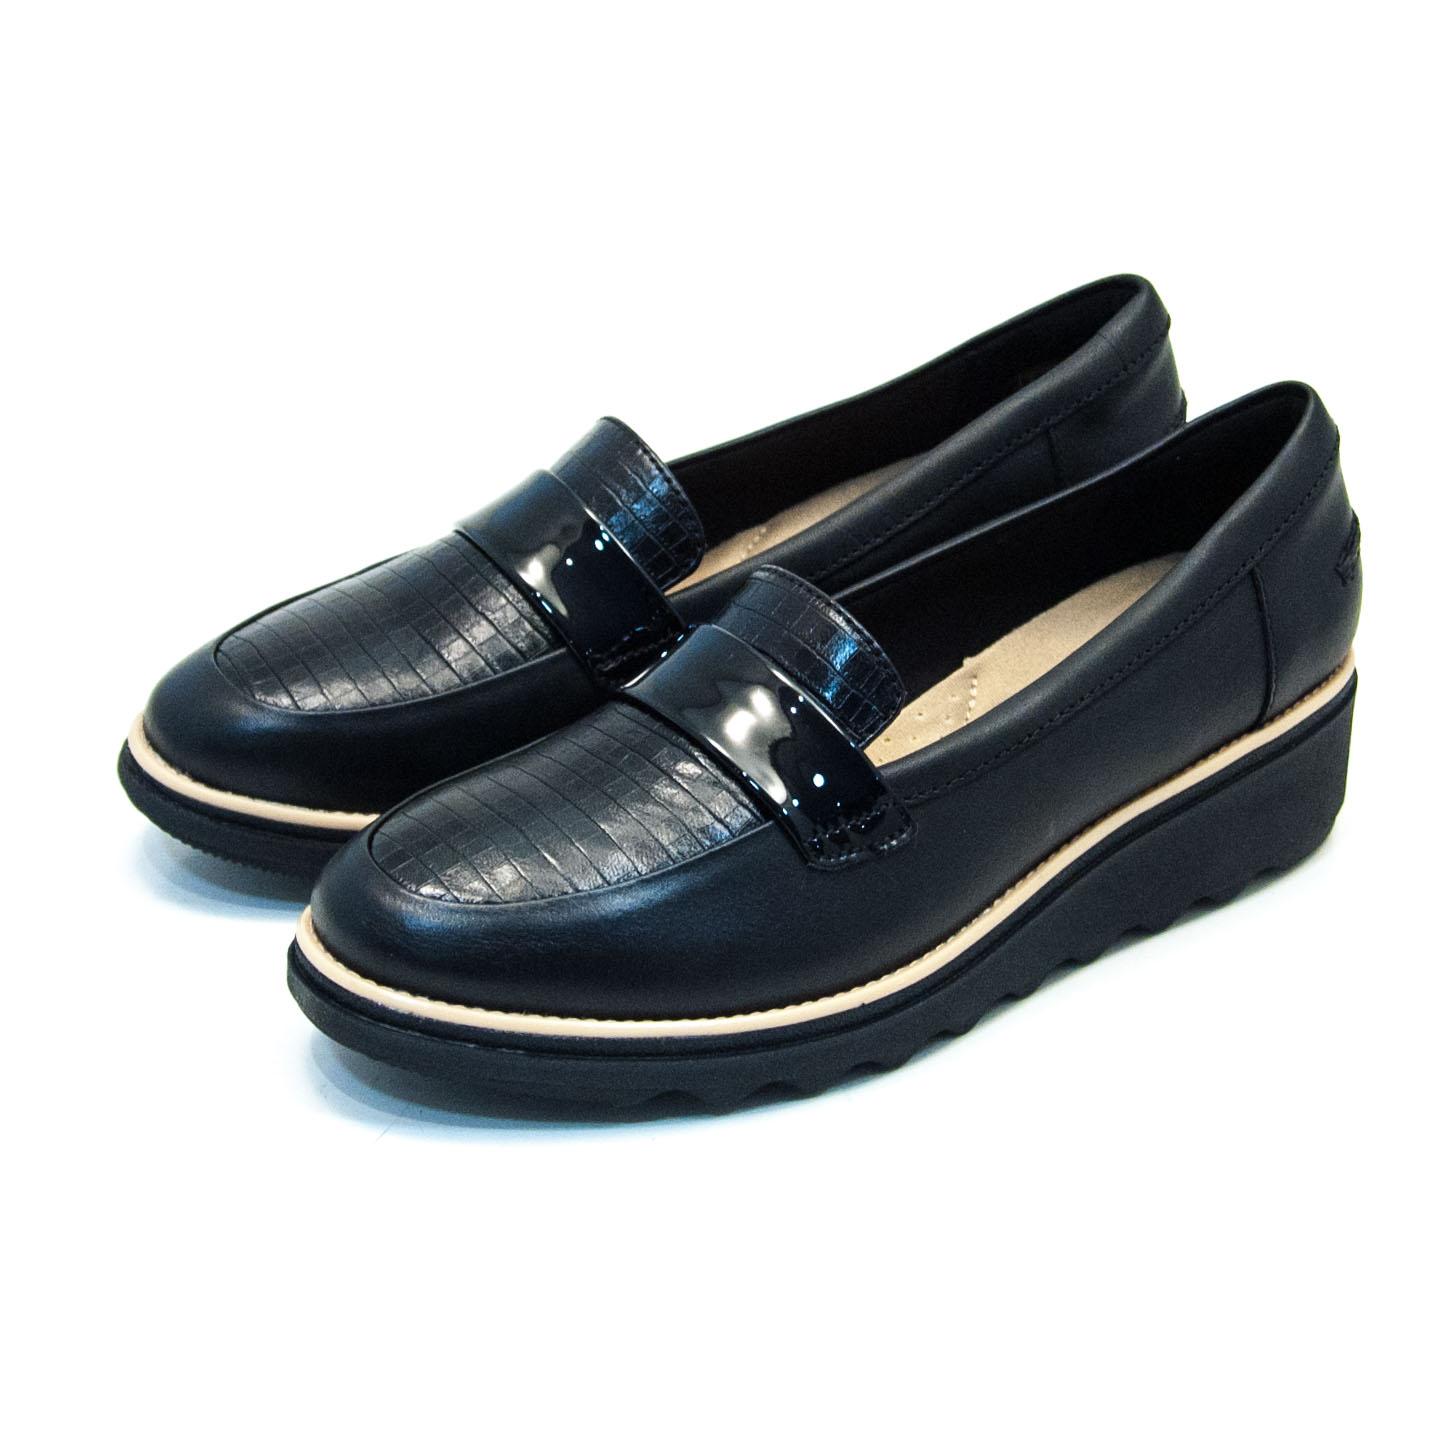 Γυναικείο παπούτσι CLARKS Sharon Gracie 261452294